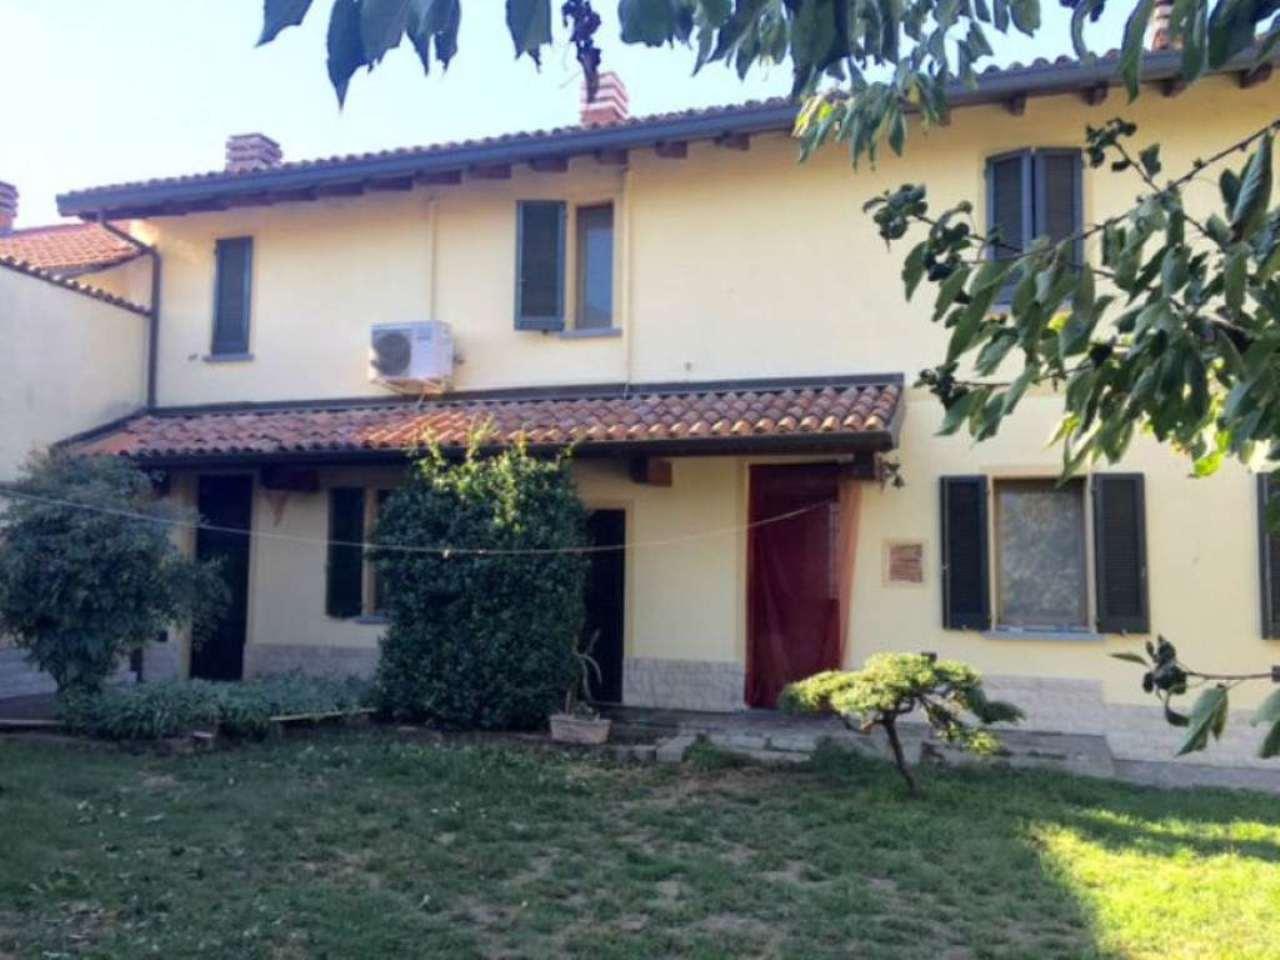 Soluzione Indipendente in vendita a Dorno, 6 locali, prezzo € 215.000 | Cambio Casa.it